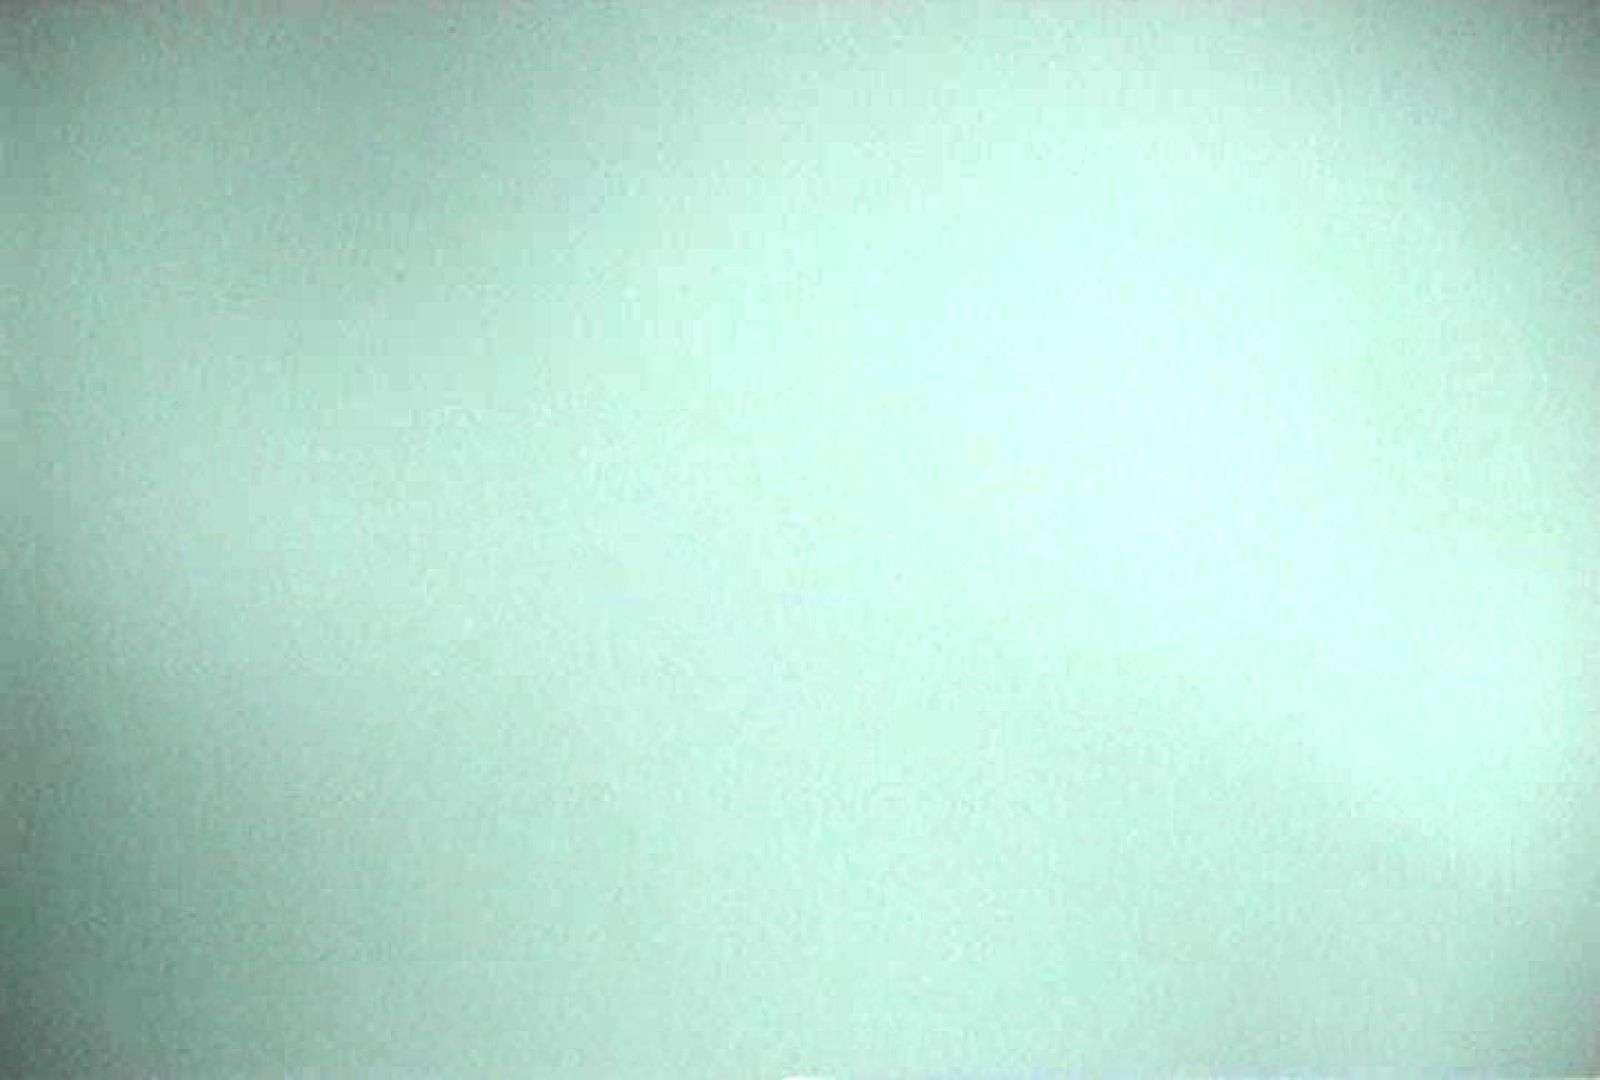 充血監督の深夜の運動会Vol.52 すけべなOL | 0  108画像 101